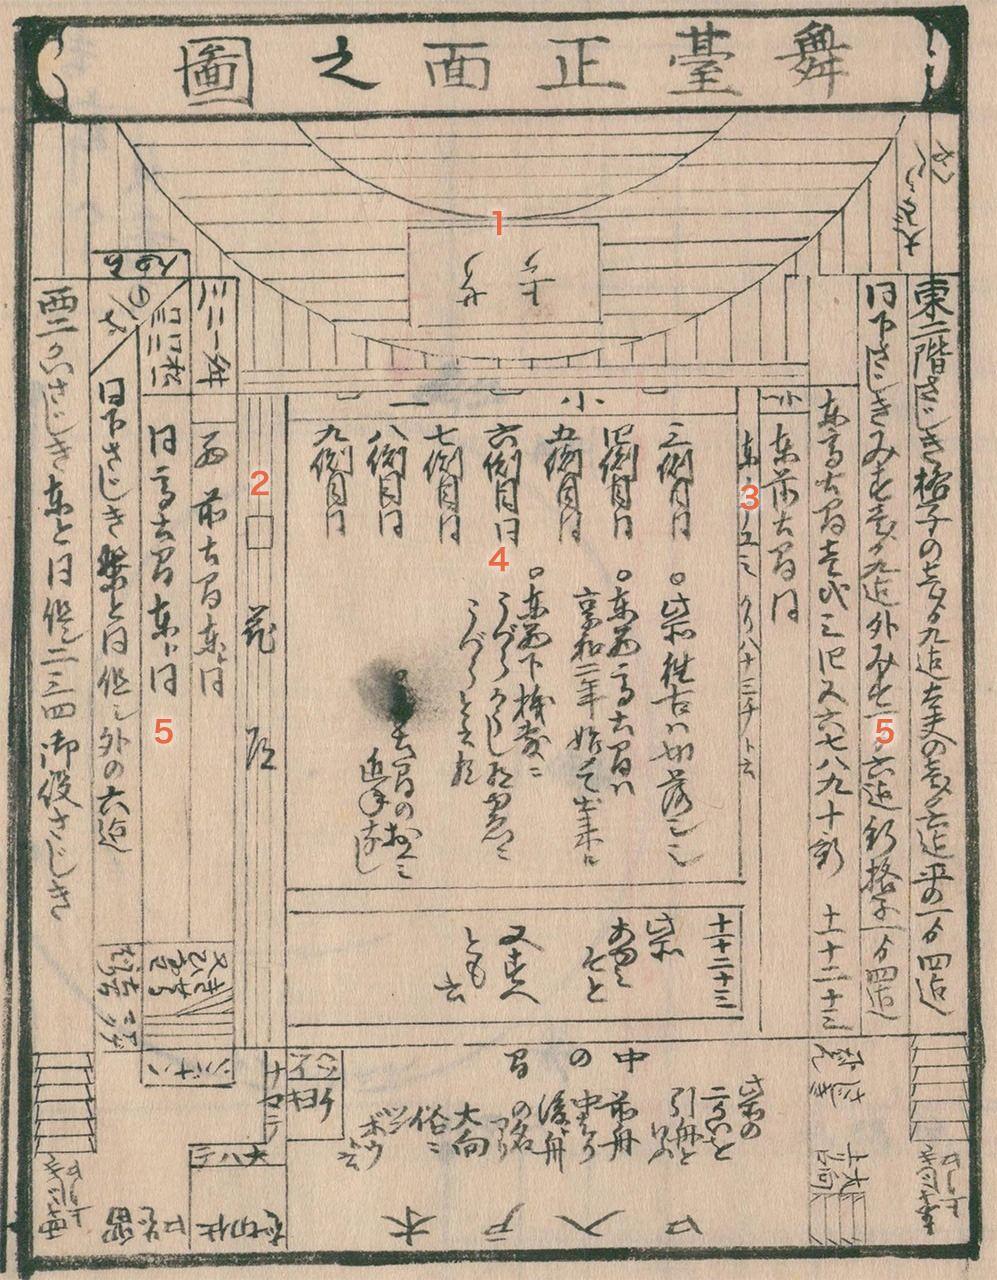 План интерьера театра Накамура-дза – отмечены сцена, «цветочная дорожка» ханамити, зрительские места. 1) сцена, 2) ханамити, 3) боковая ханамити, 4) места для важных посетителей садзики